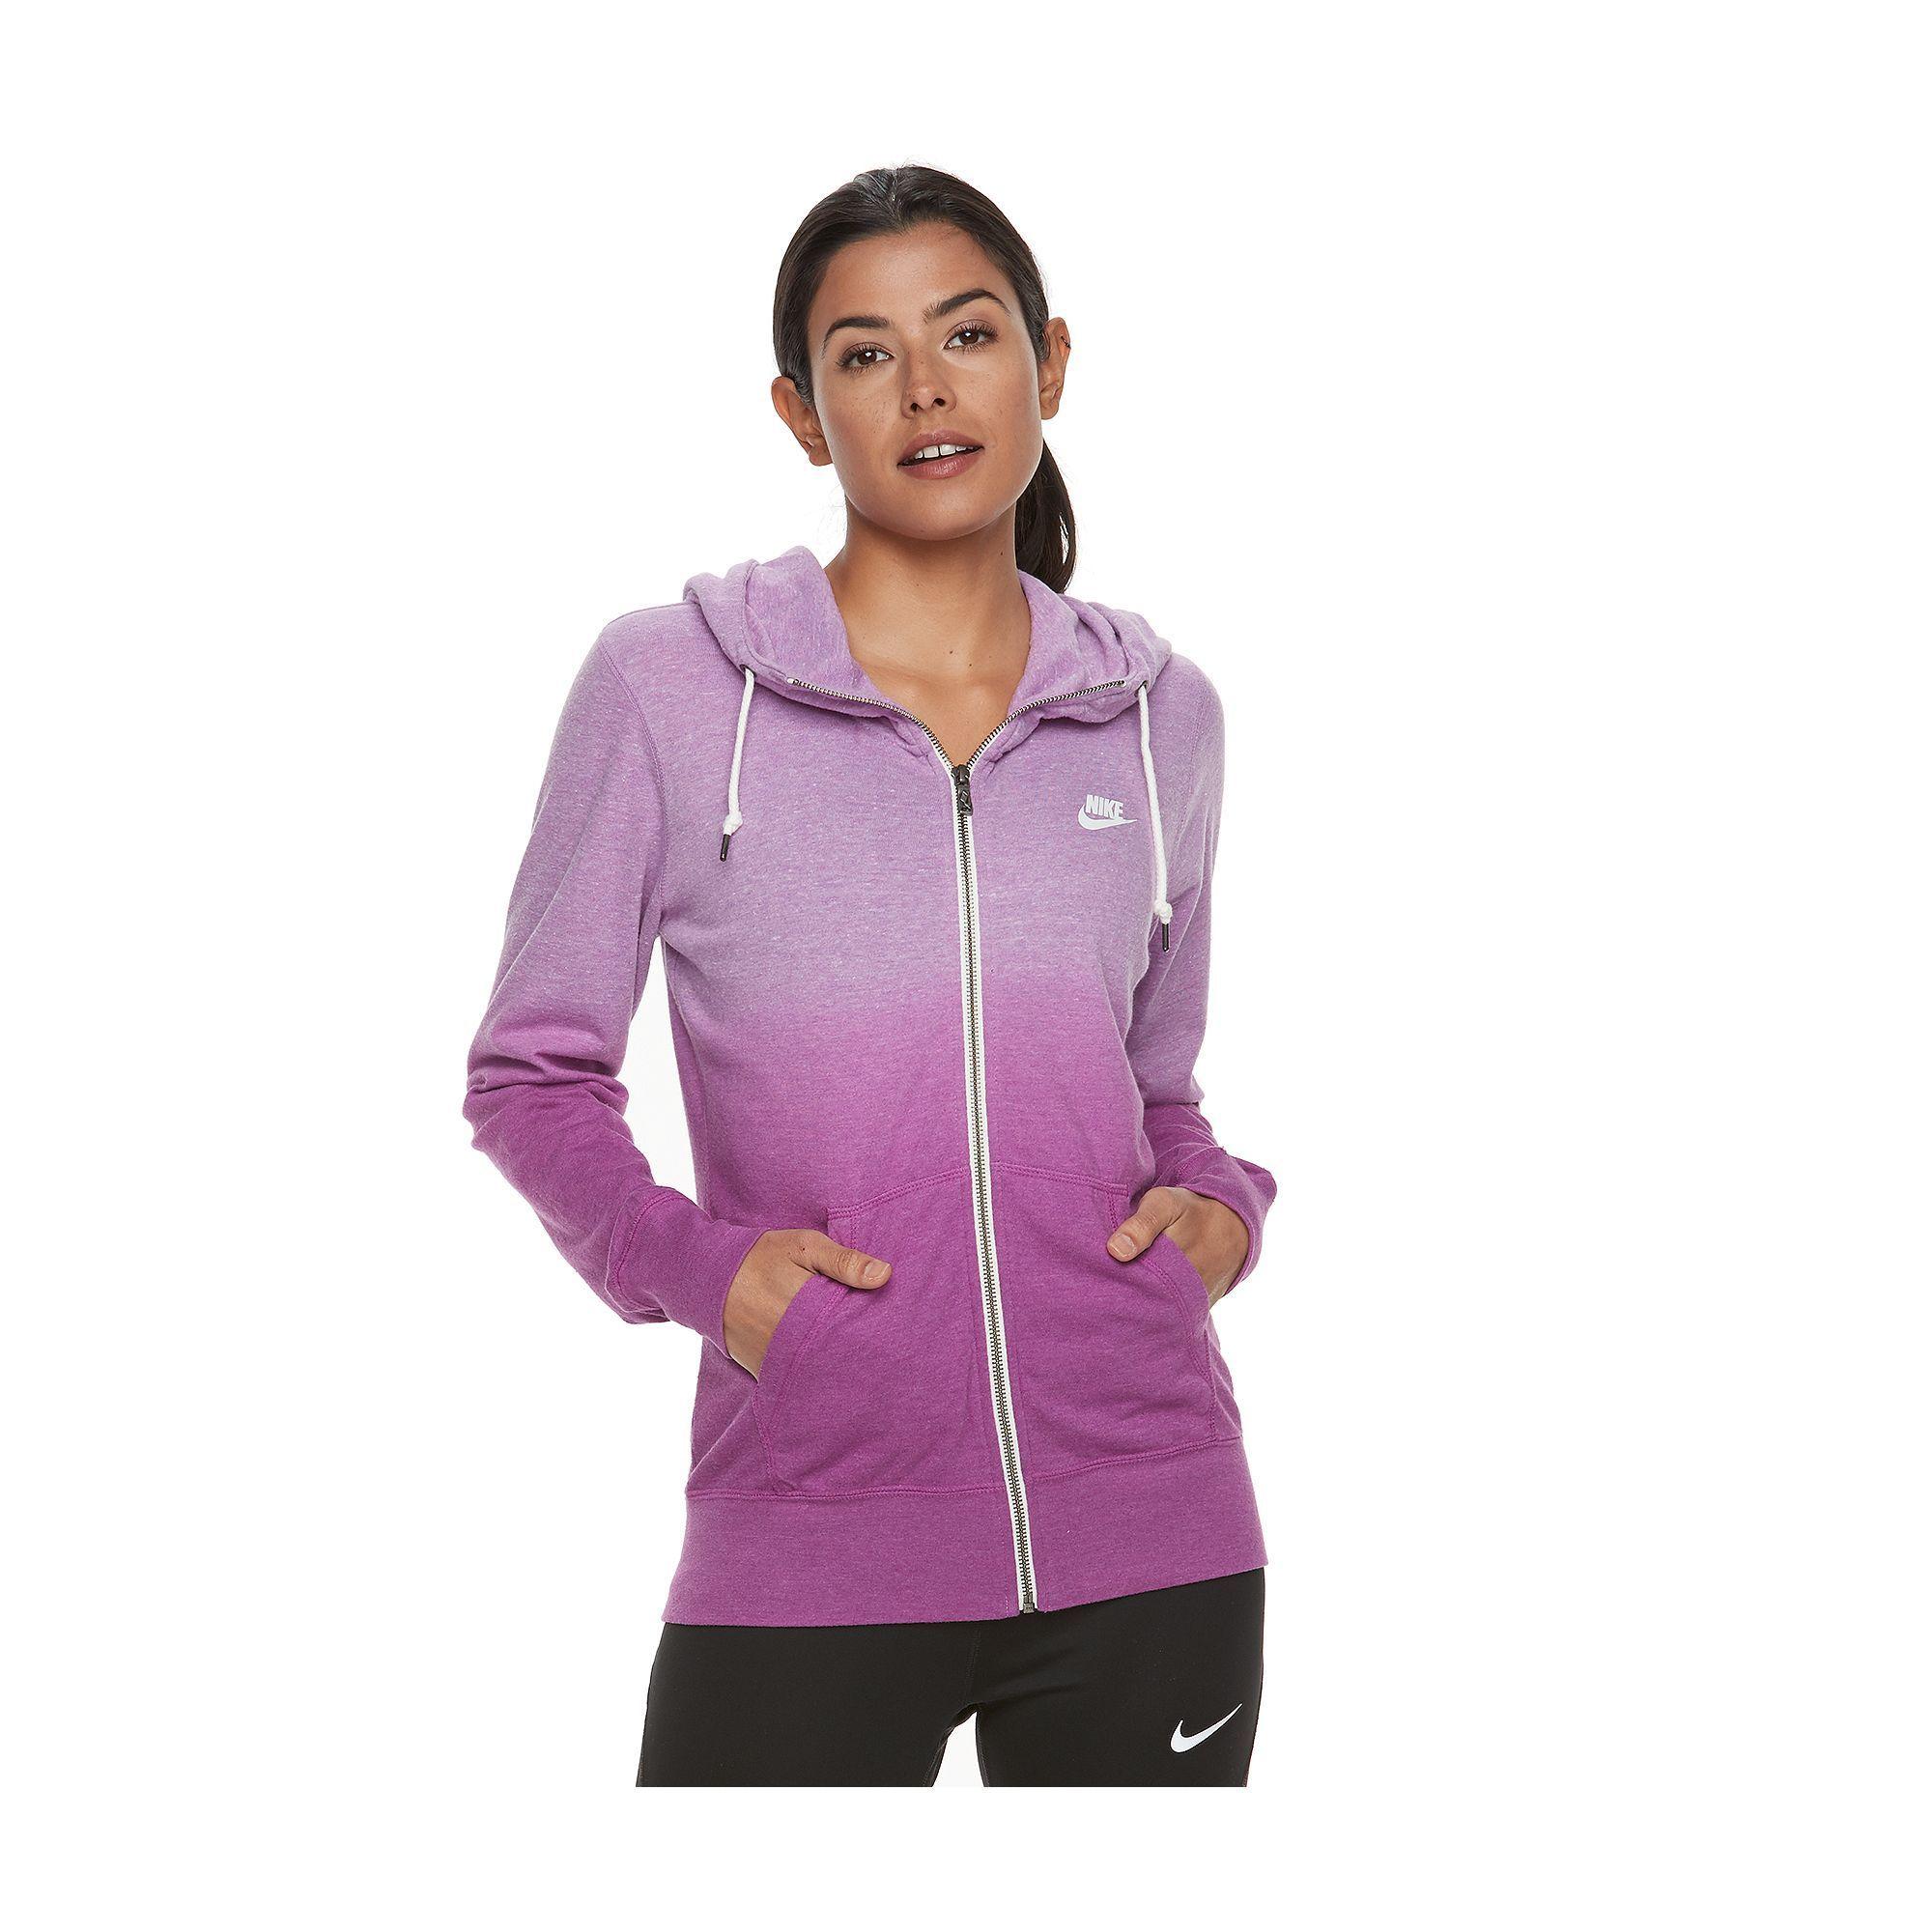 Women's Nike Sportswear Vintage Ombre Zip Up Hoodie | Nike